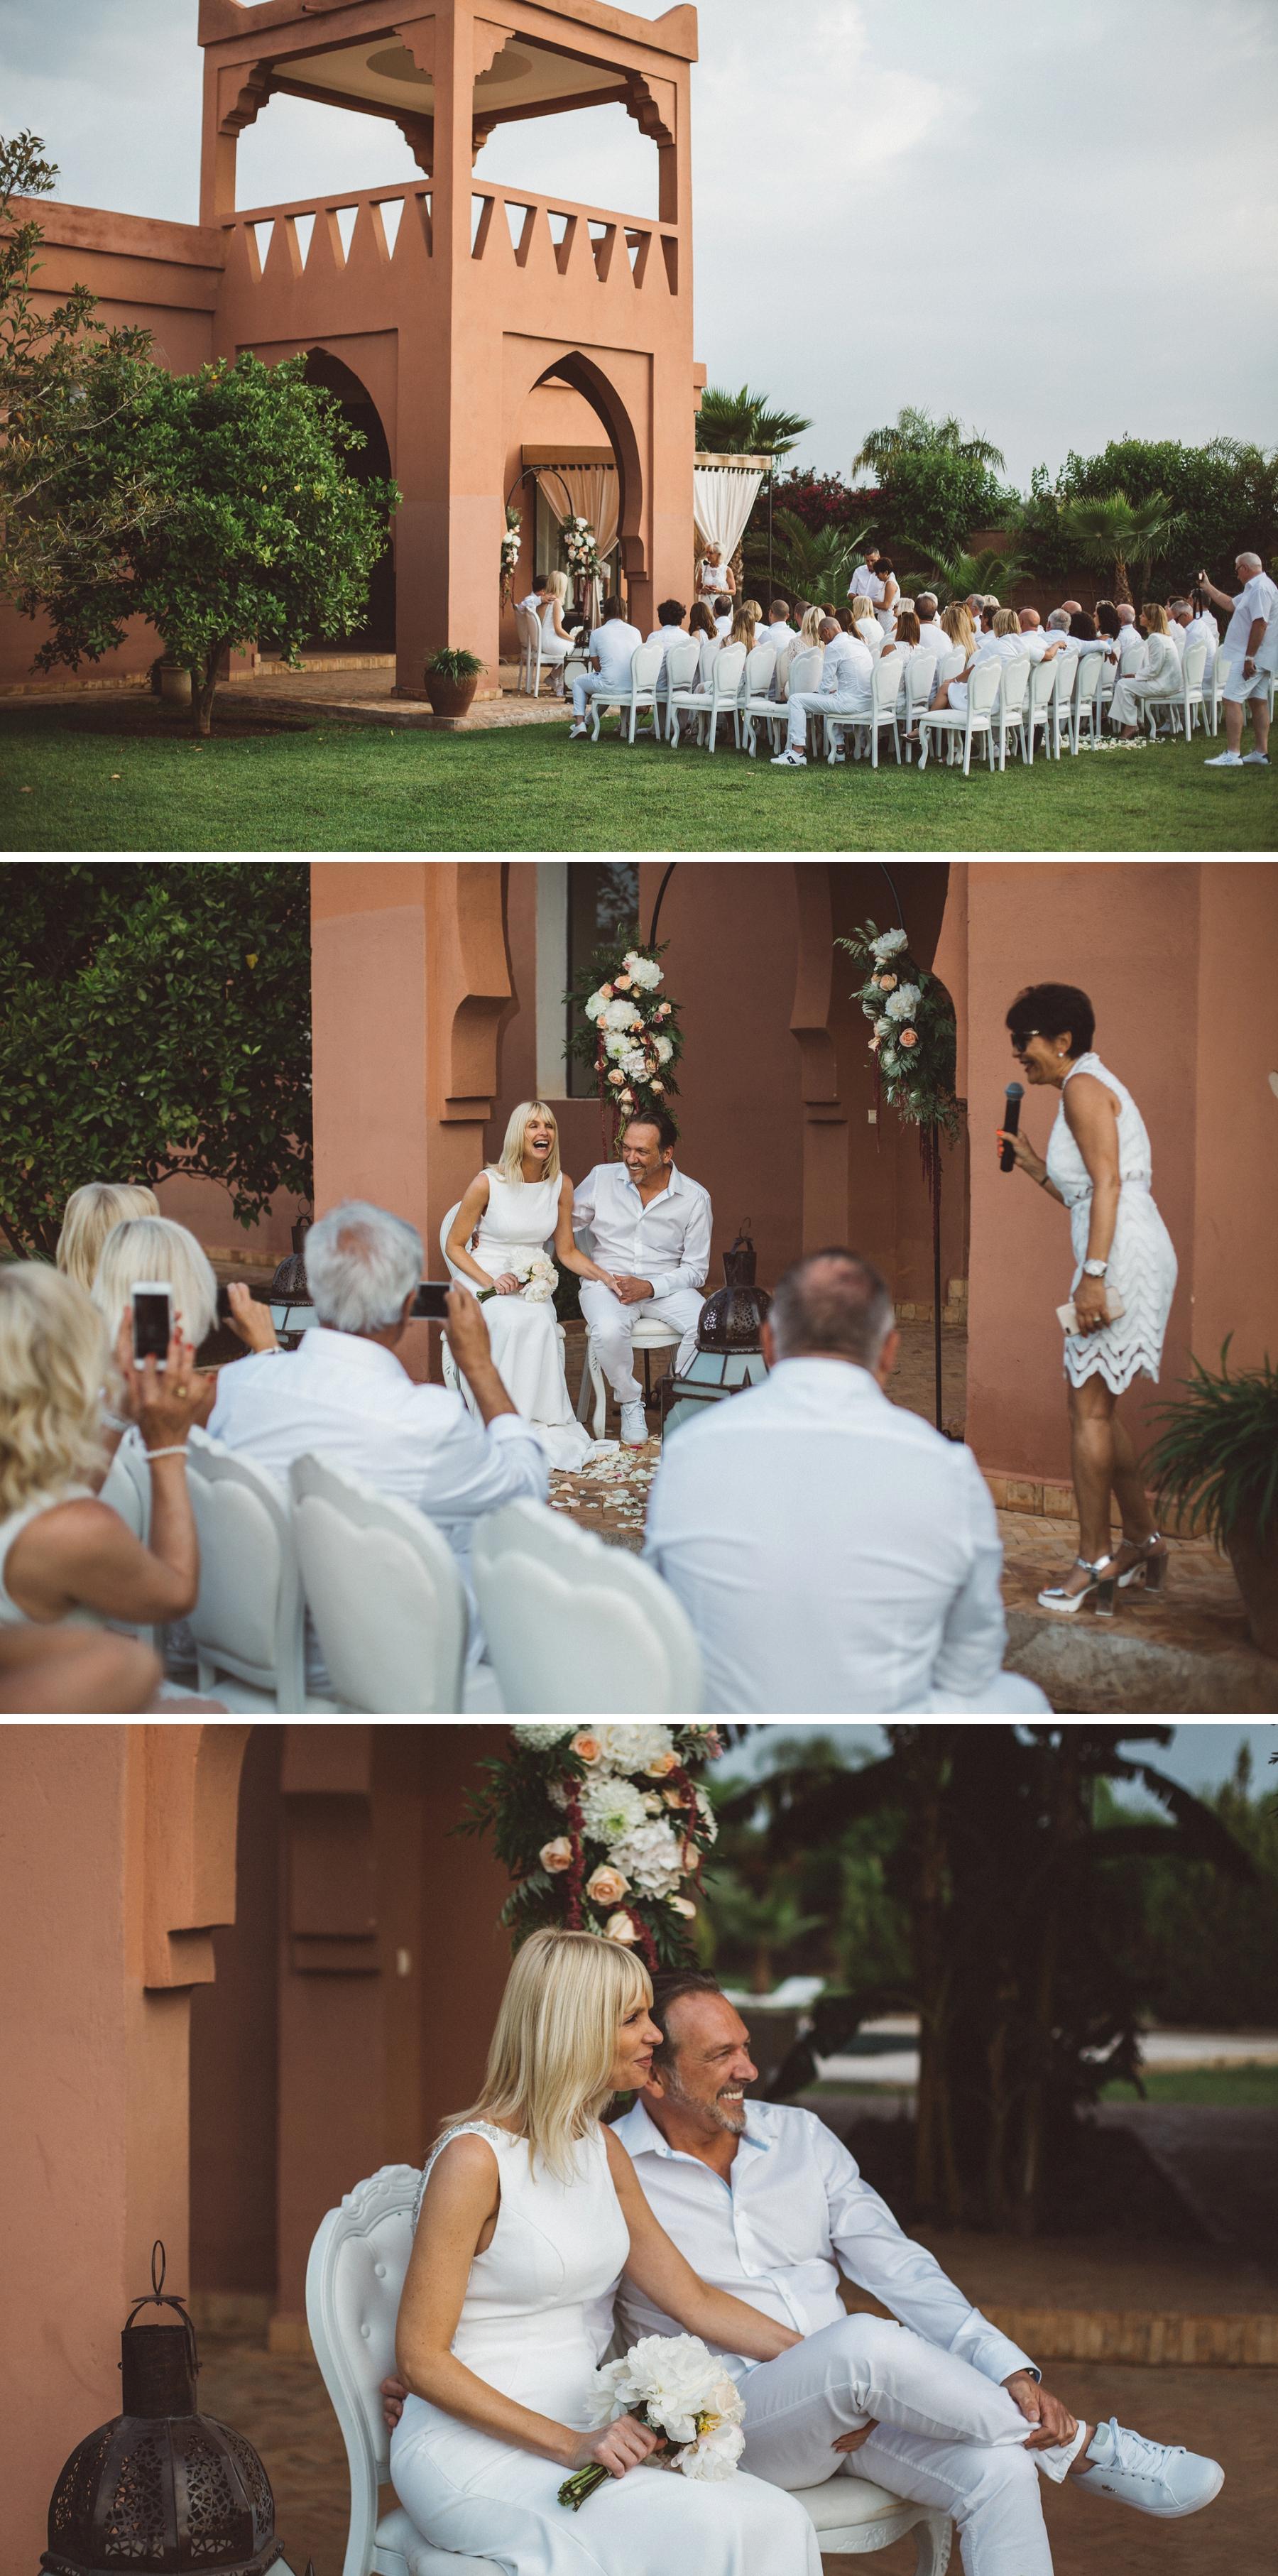 mariage-riad-marrakech-24.jpg